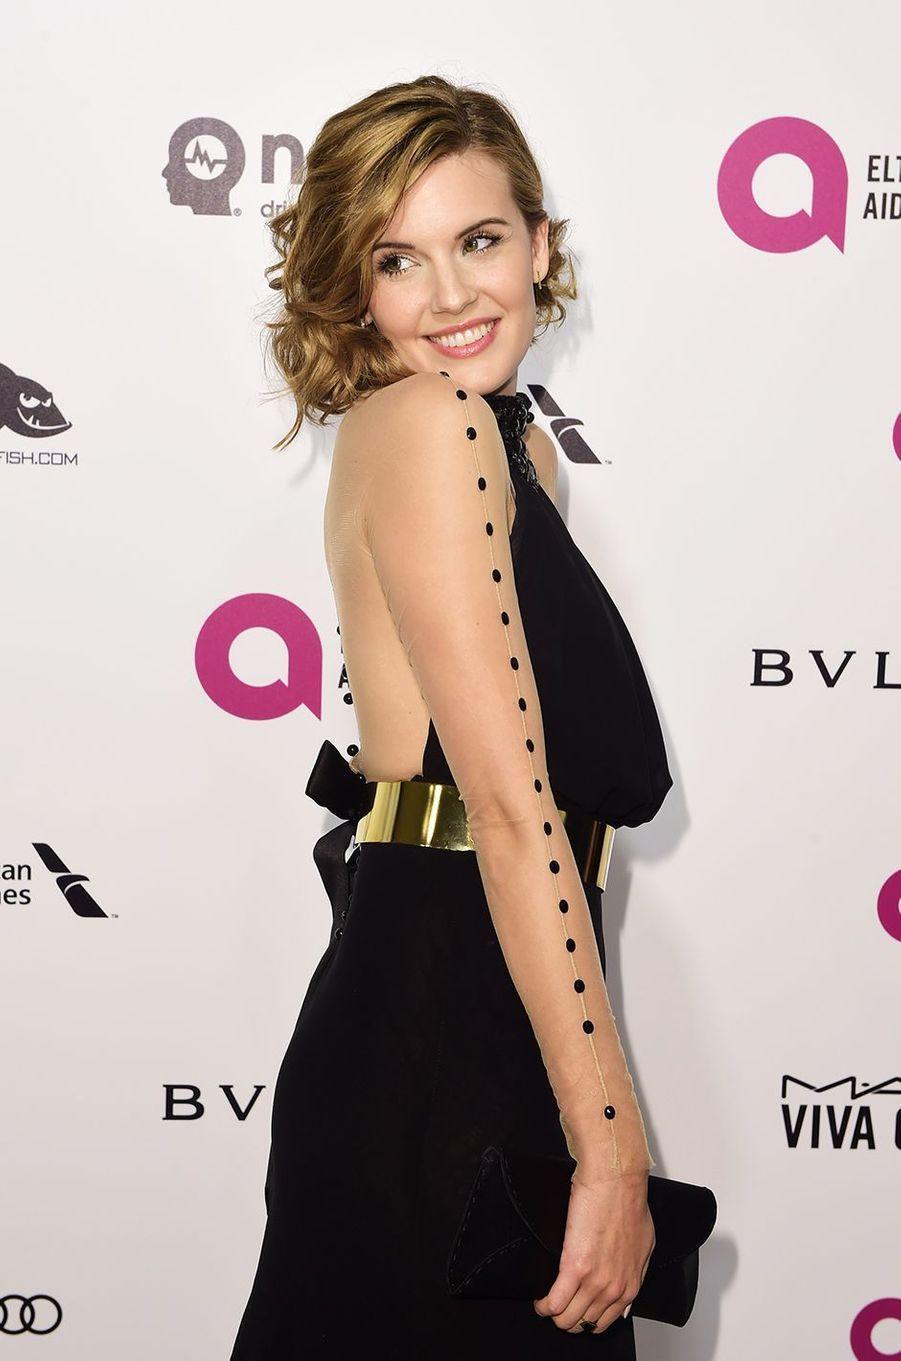 Maggie Grace au gala organisé au profit de la recherche contre le Sida à Los Angeles le 28 février 2016